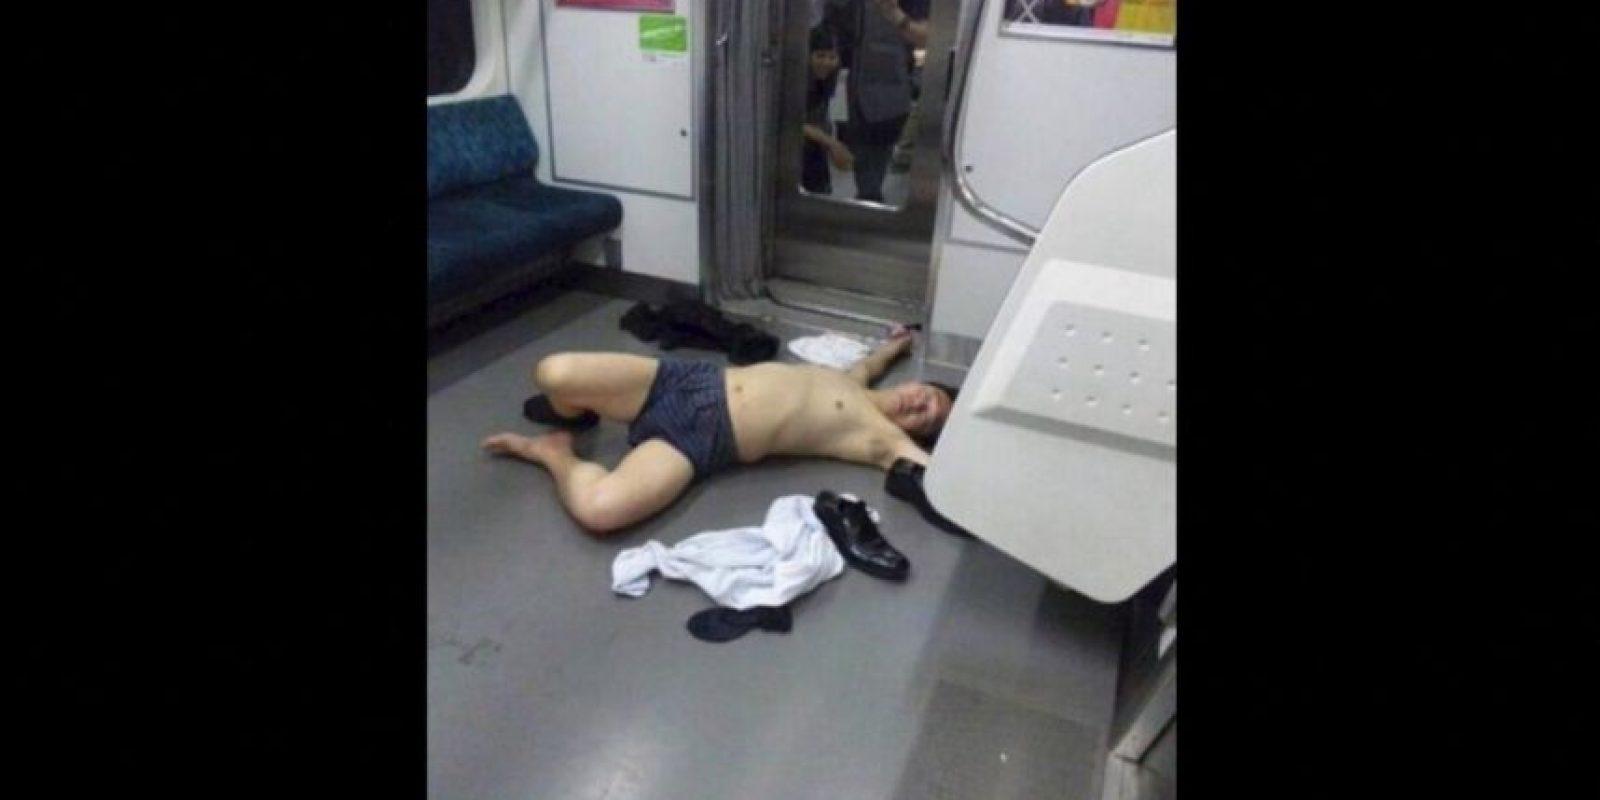 Y en Japón se volvió tendencia encontrarse a oficinistas totalmente ebrios en el transporte público Foto:Twitter.com